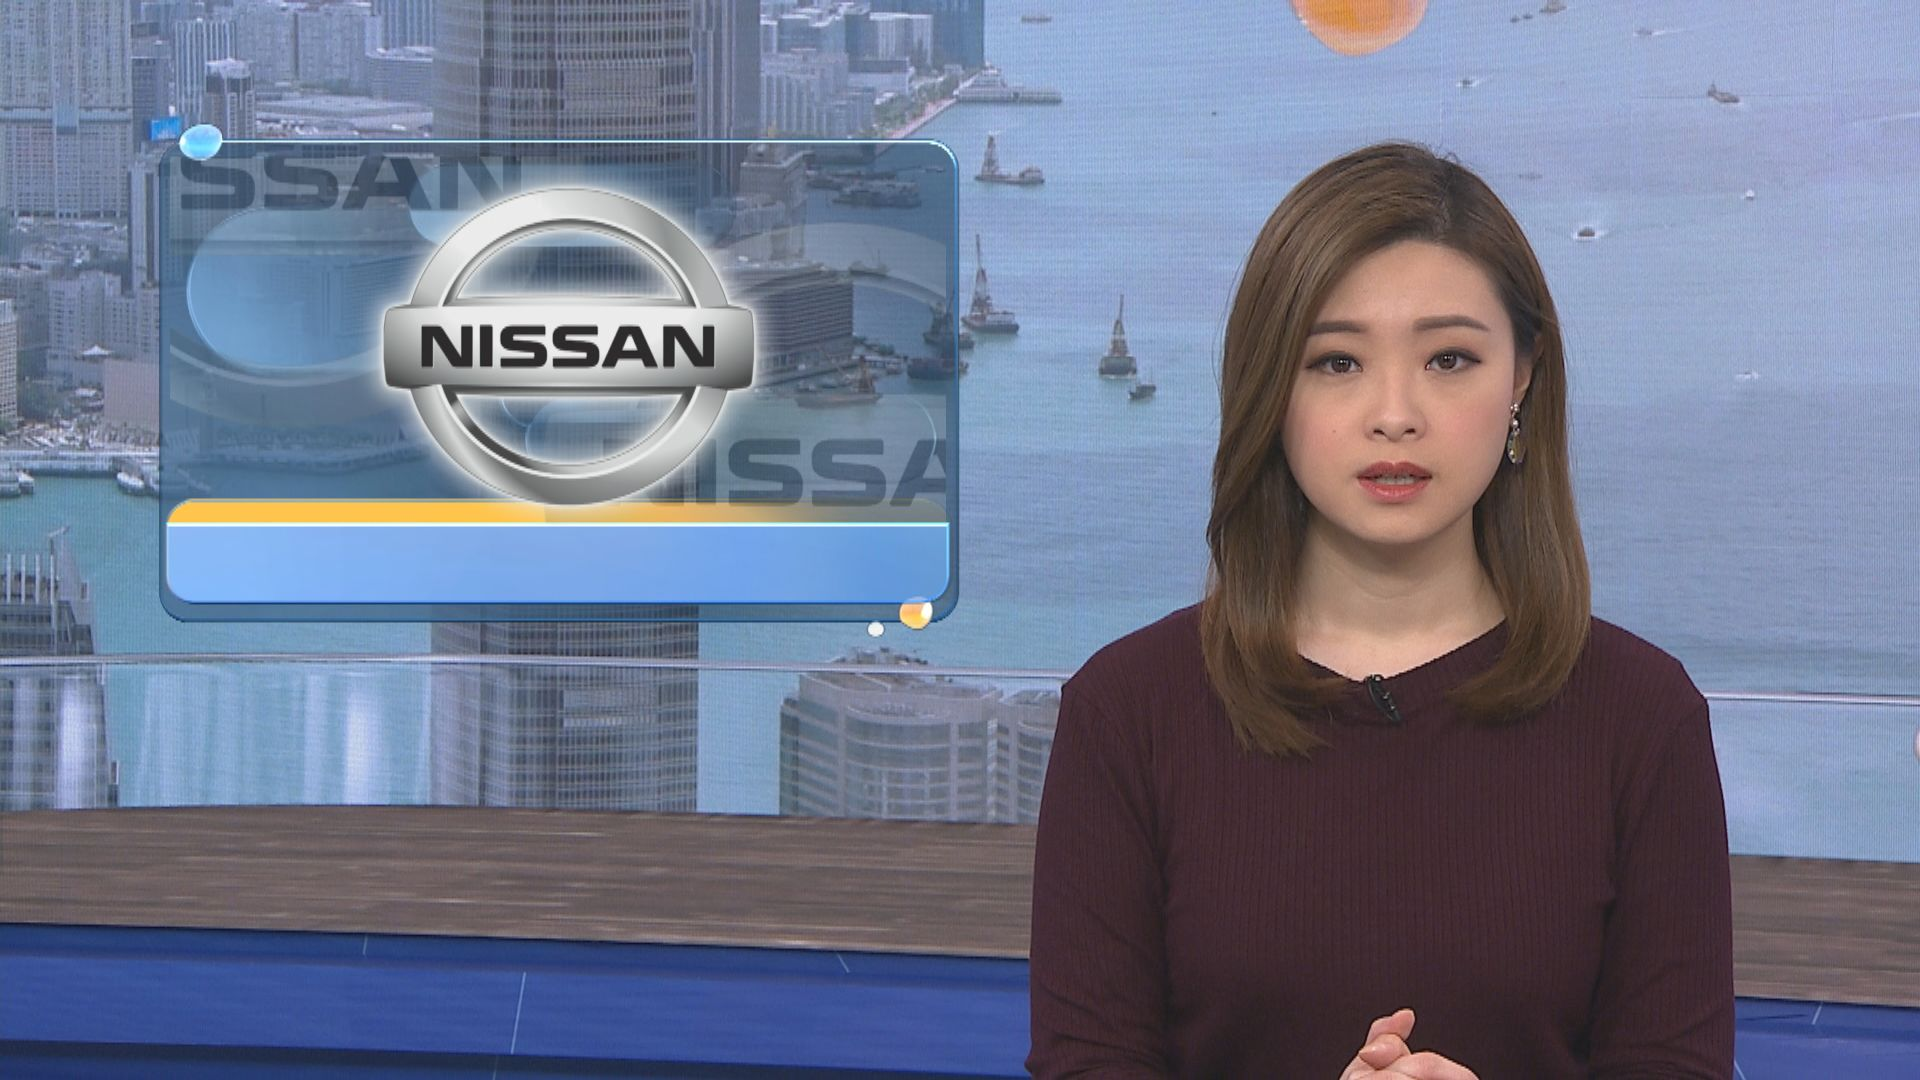 日產汽車旗下日本九州工廠將停工2天